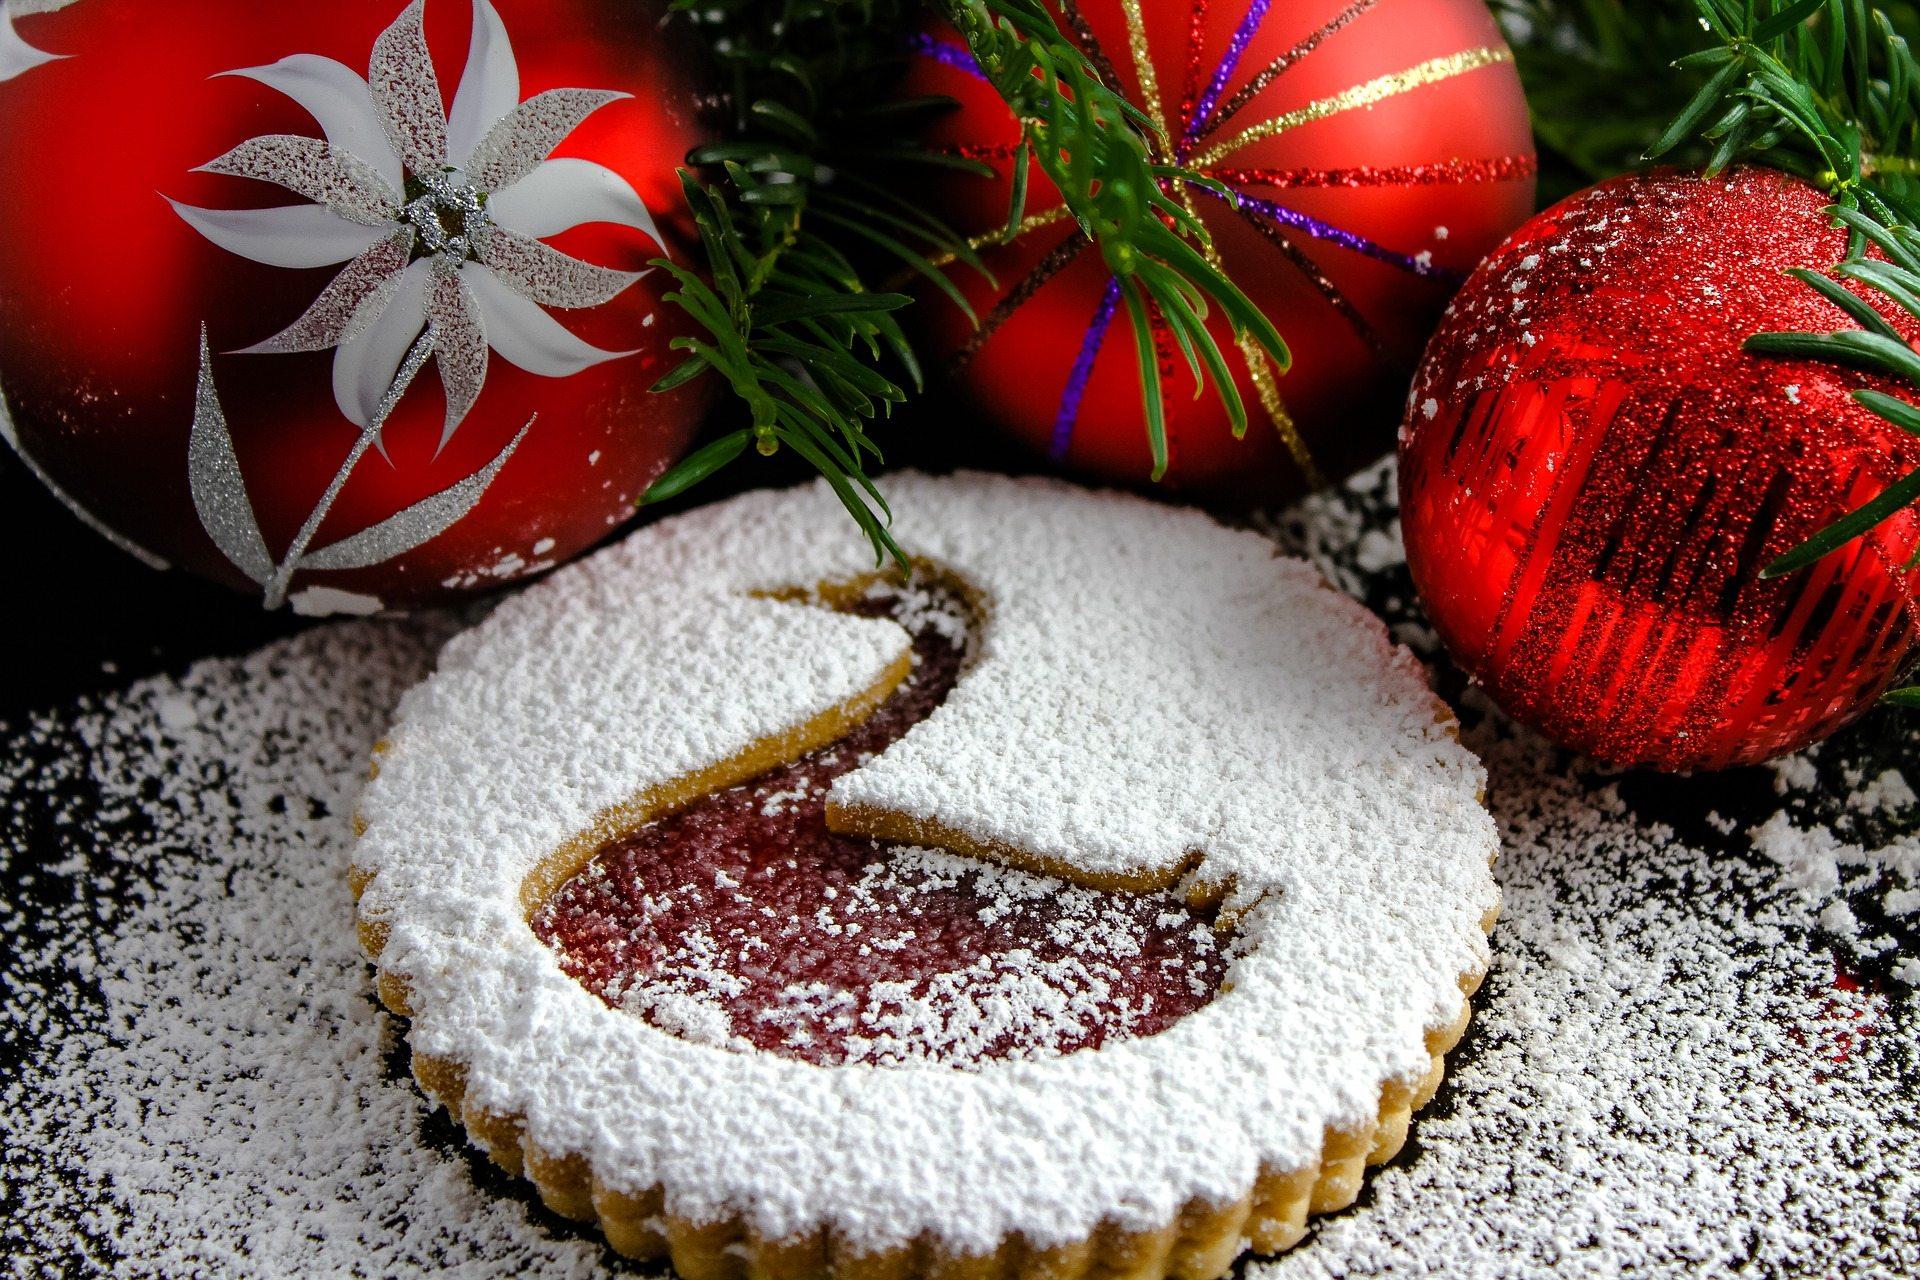 クリスマスケーキカット引用 Hdの壁紙無料ダウンロード 19x1280 Wallpapertip